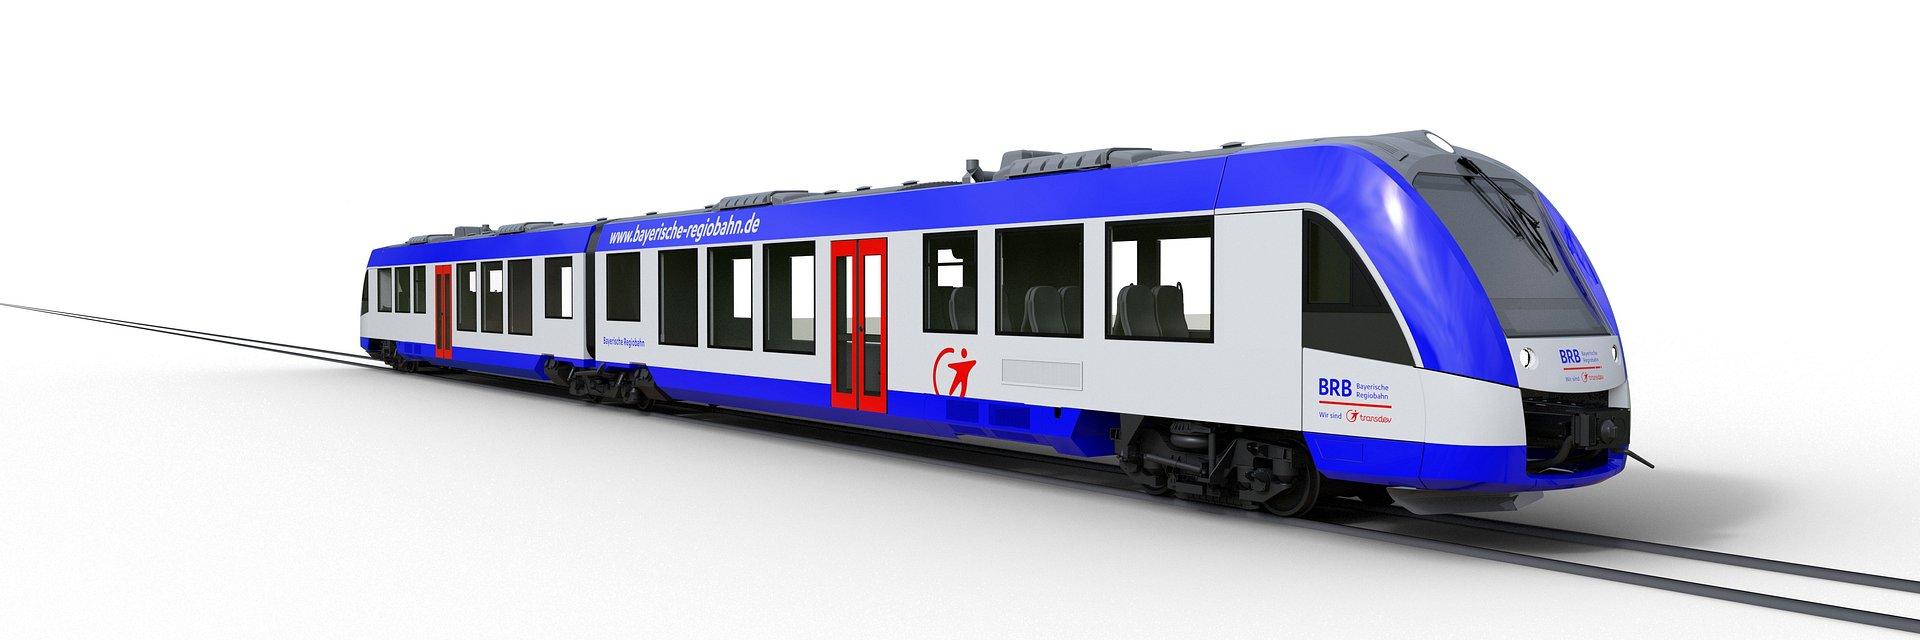 Alstom dostarczy 41 pociągów regionalnych Coradia Lint do Bawarii w Niemczech